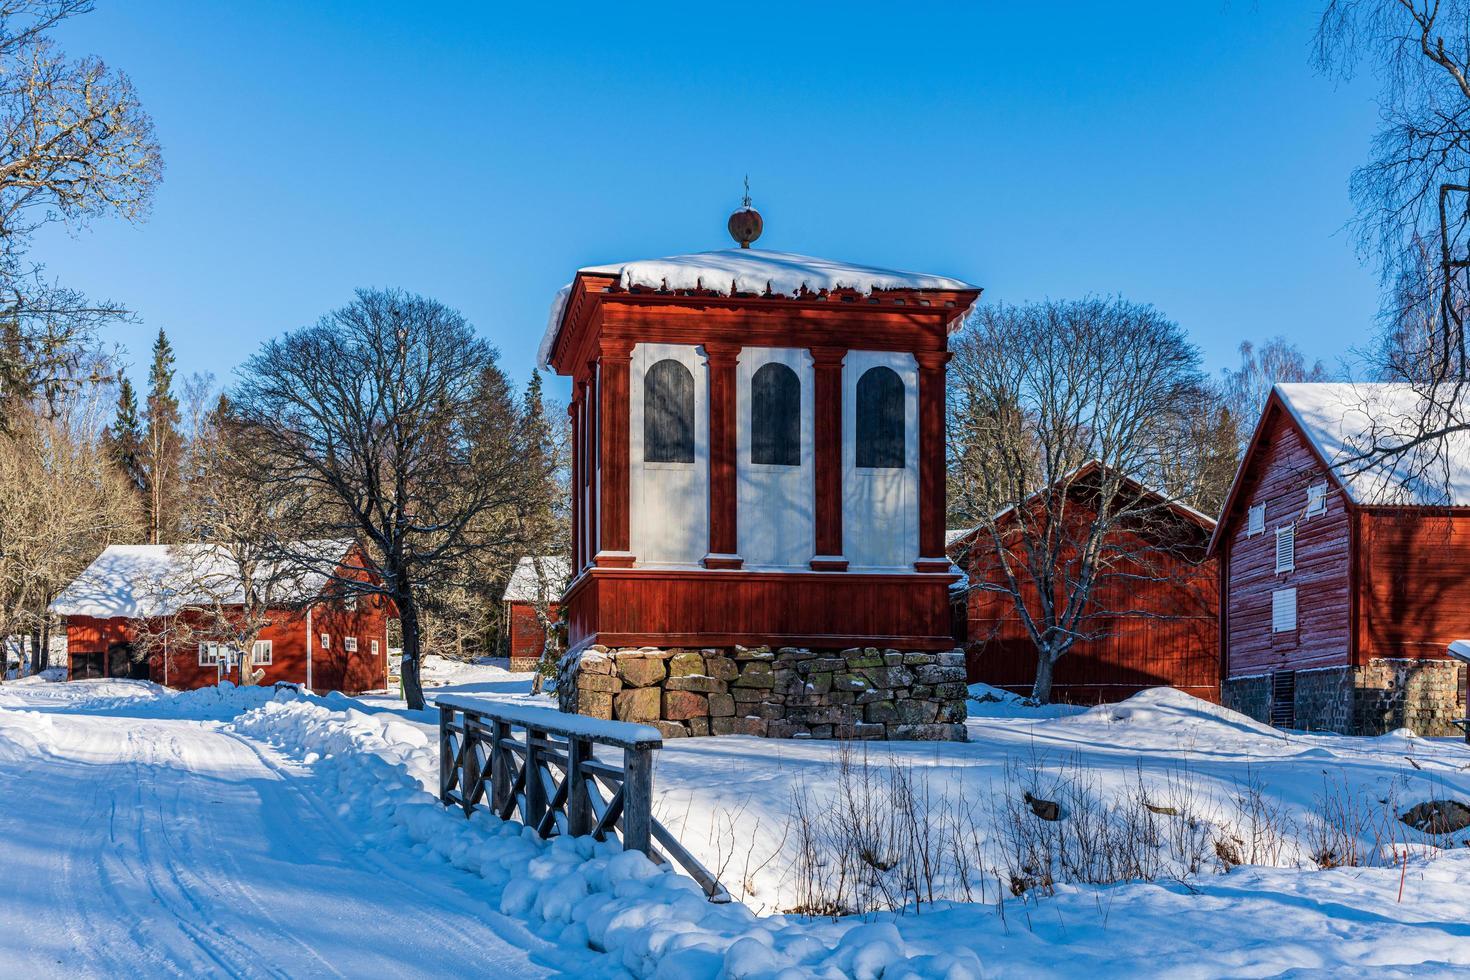 norn, sverige, 2021-02-07. typisk gammal by på den svenska landsbygden, byggd kring ett gammalt järnverk foto